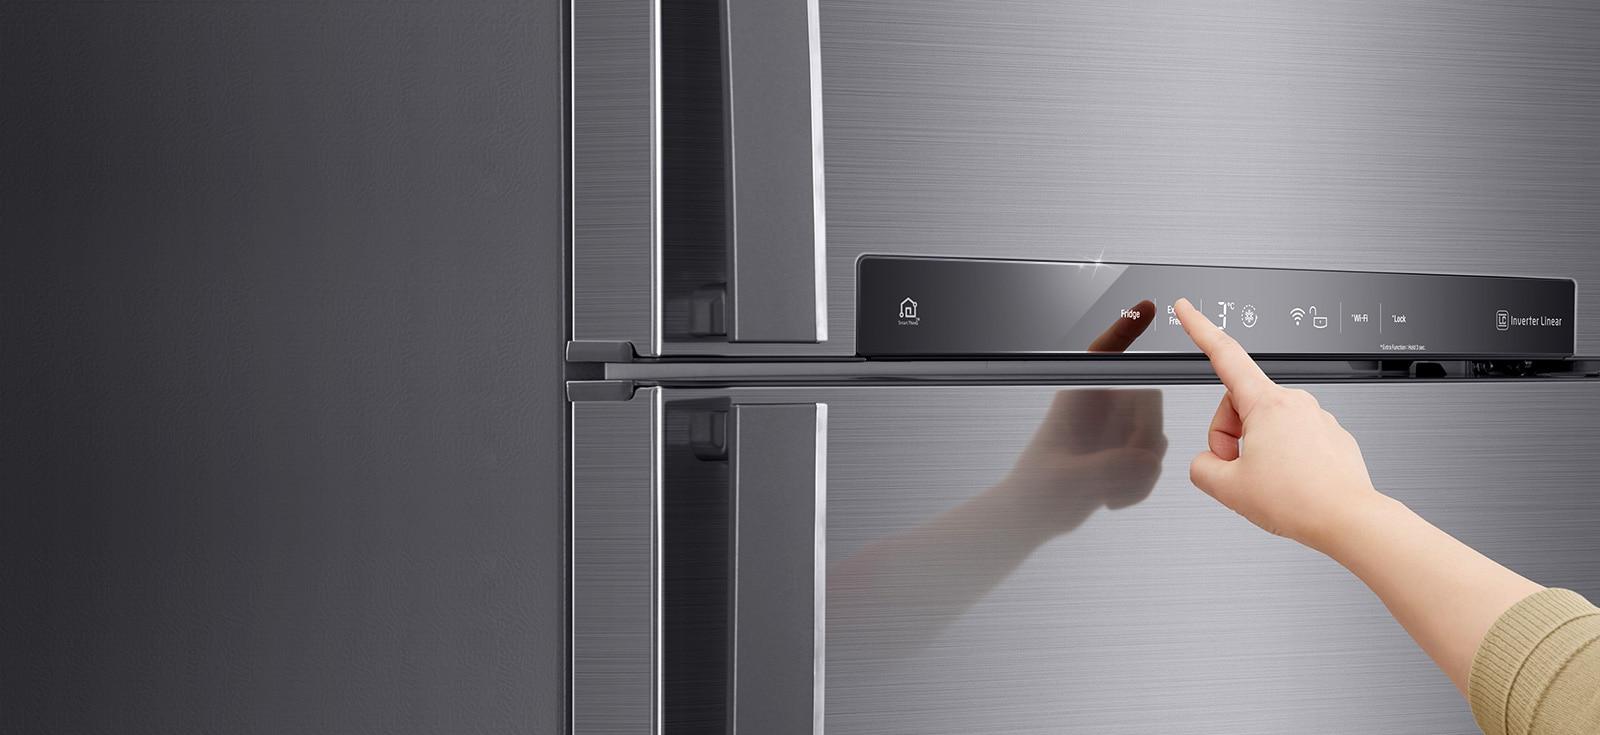 ตู้เย็นใช้งานง่าย